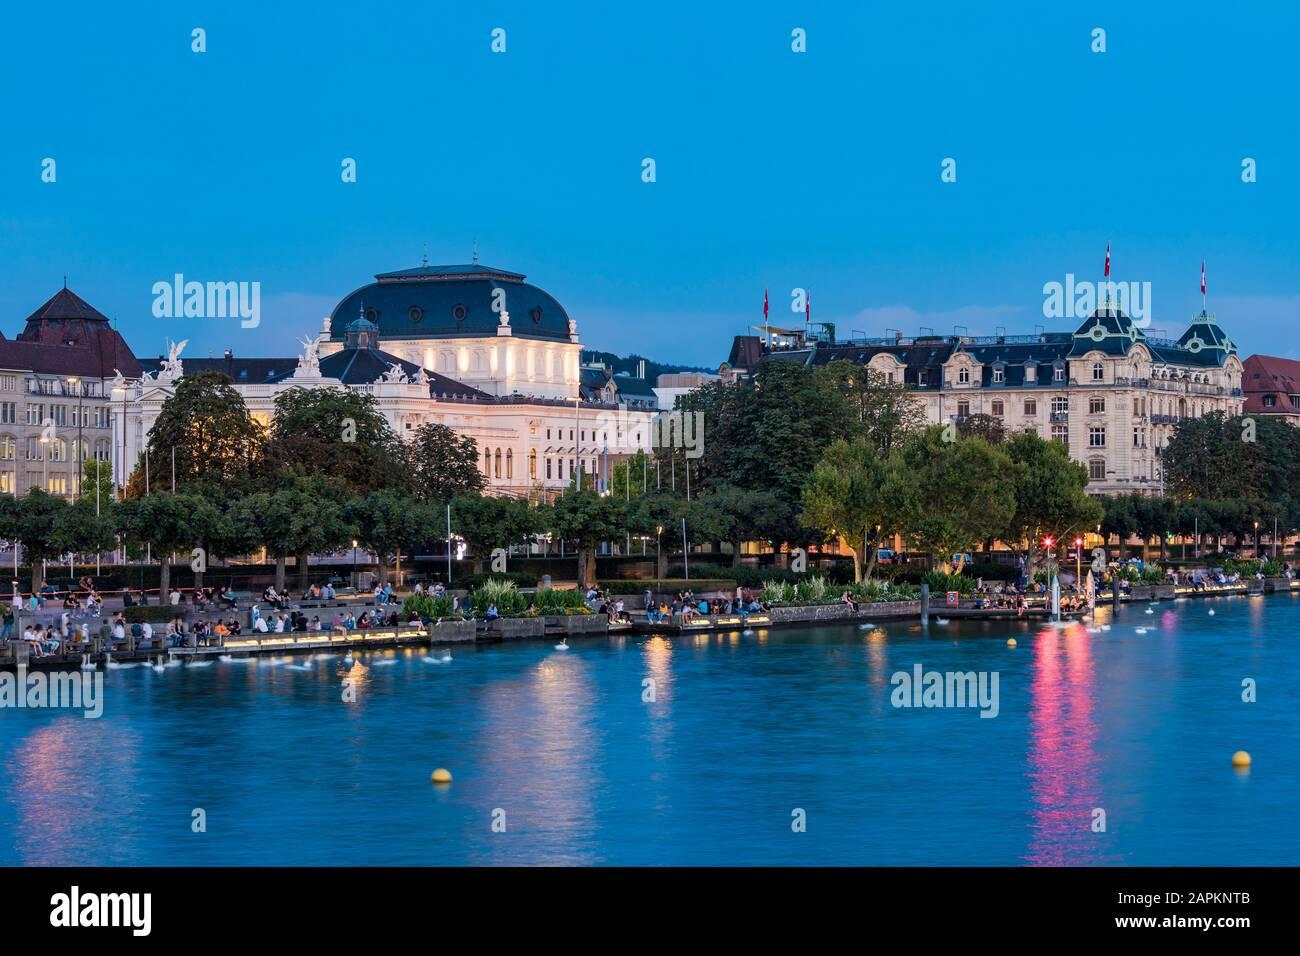 Schweiz, Kanton Zürich, Zürich, Zürichsee, Utoquai, Opernhaus, Oper Stock Photo